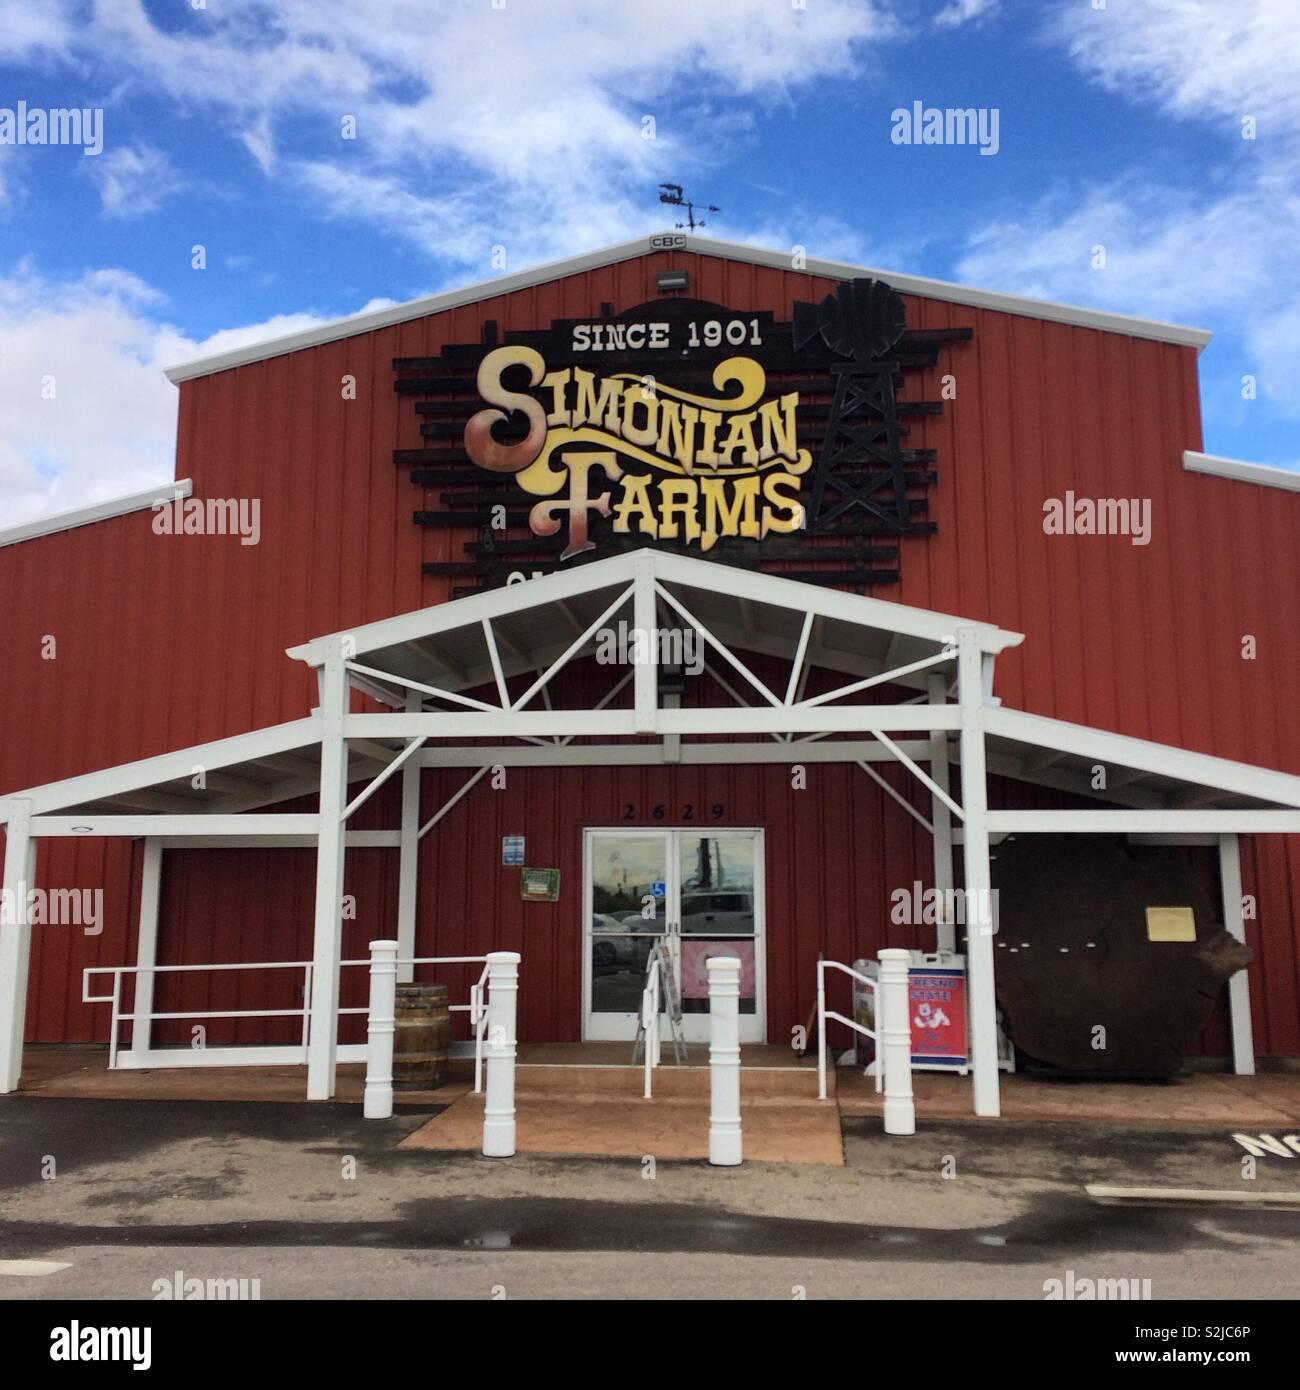 Simonian Farms Fresno California United States Stock Photo Alamy